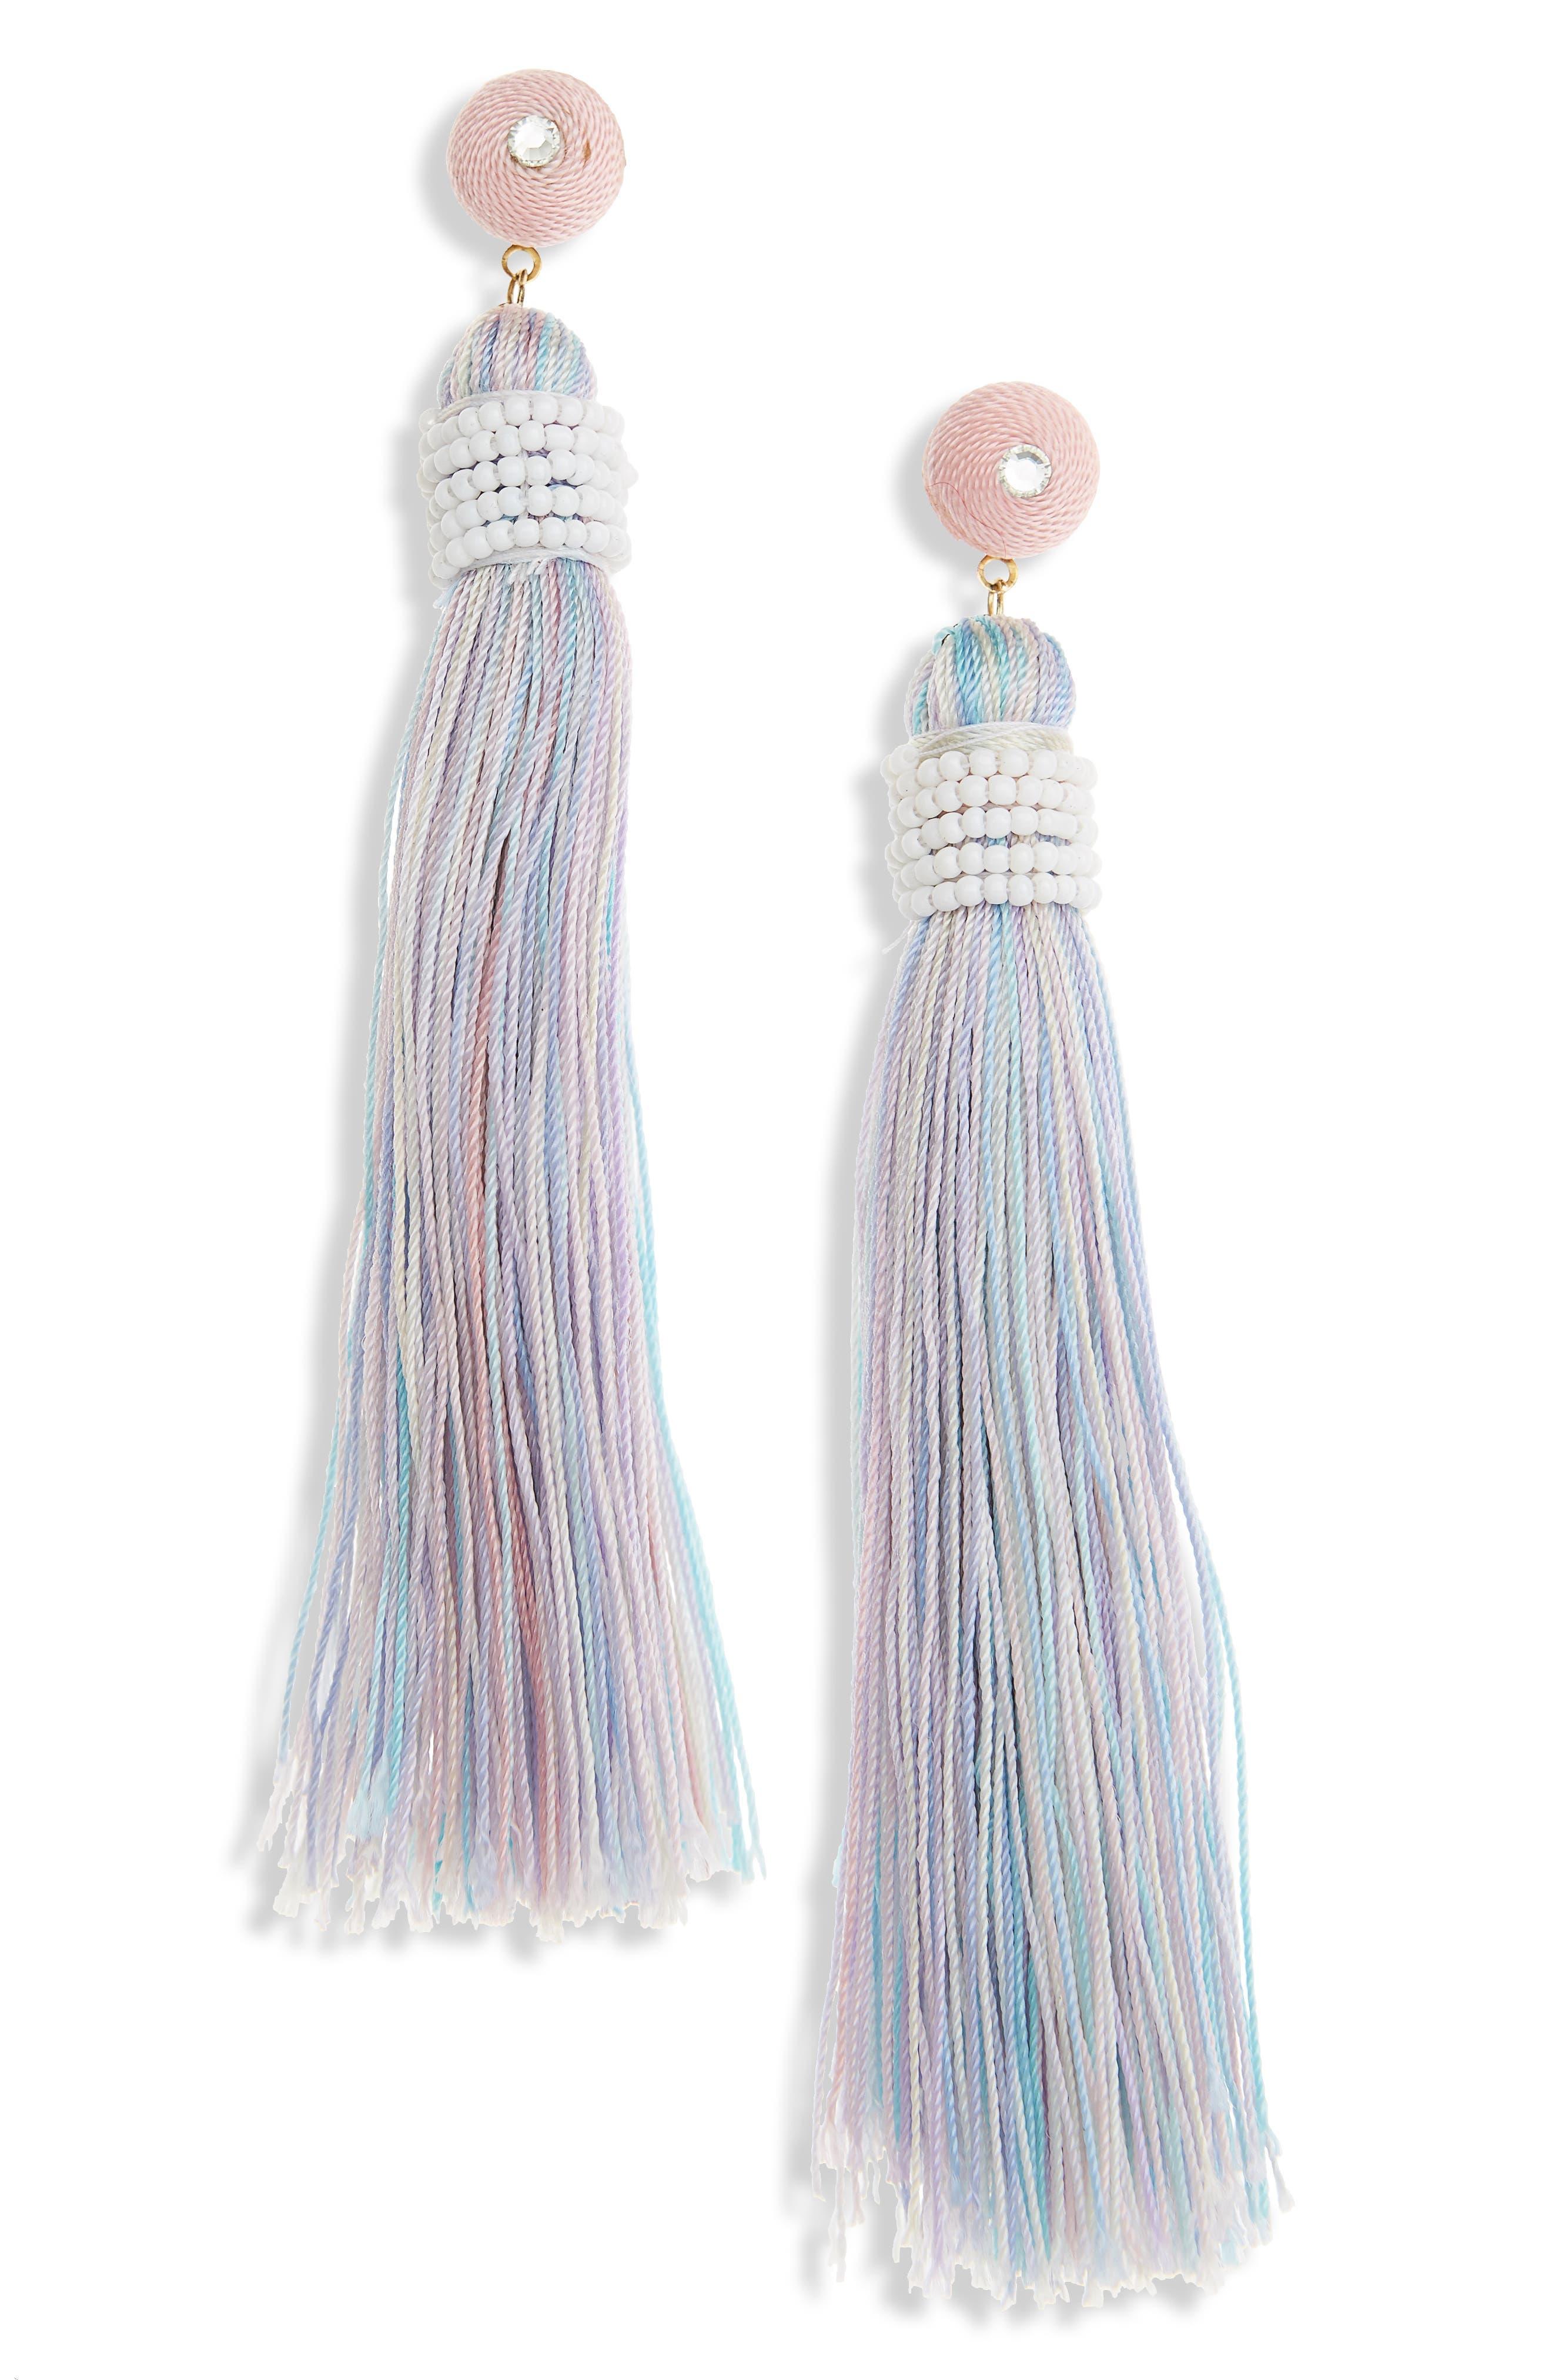 Beaded Wrap Tassel Earrings,                             Main thumbnail 1, color,                             Multi